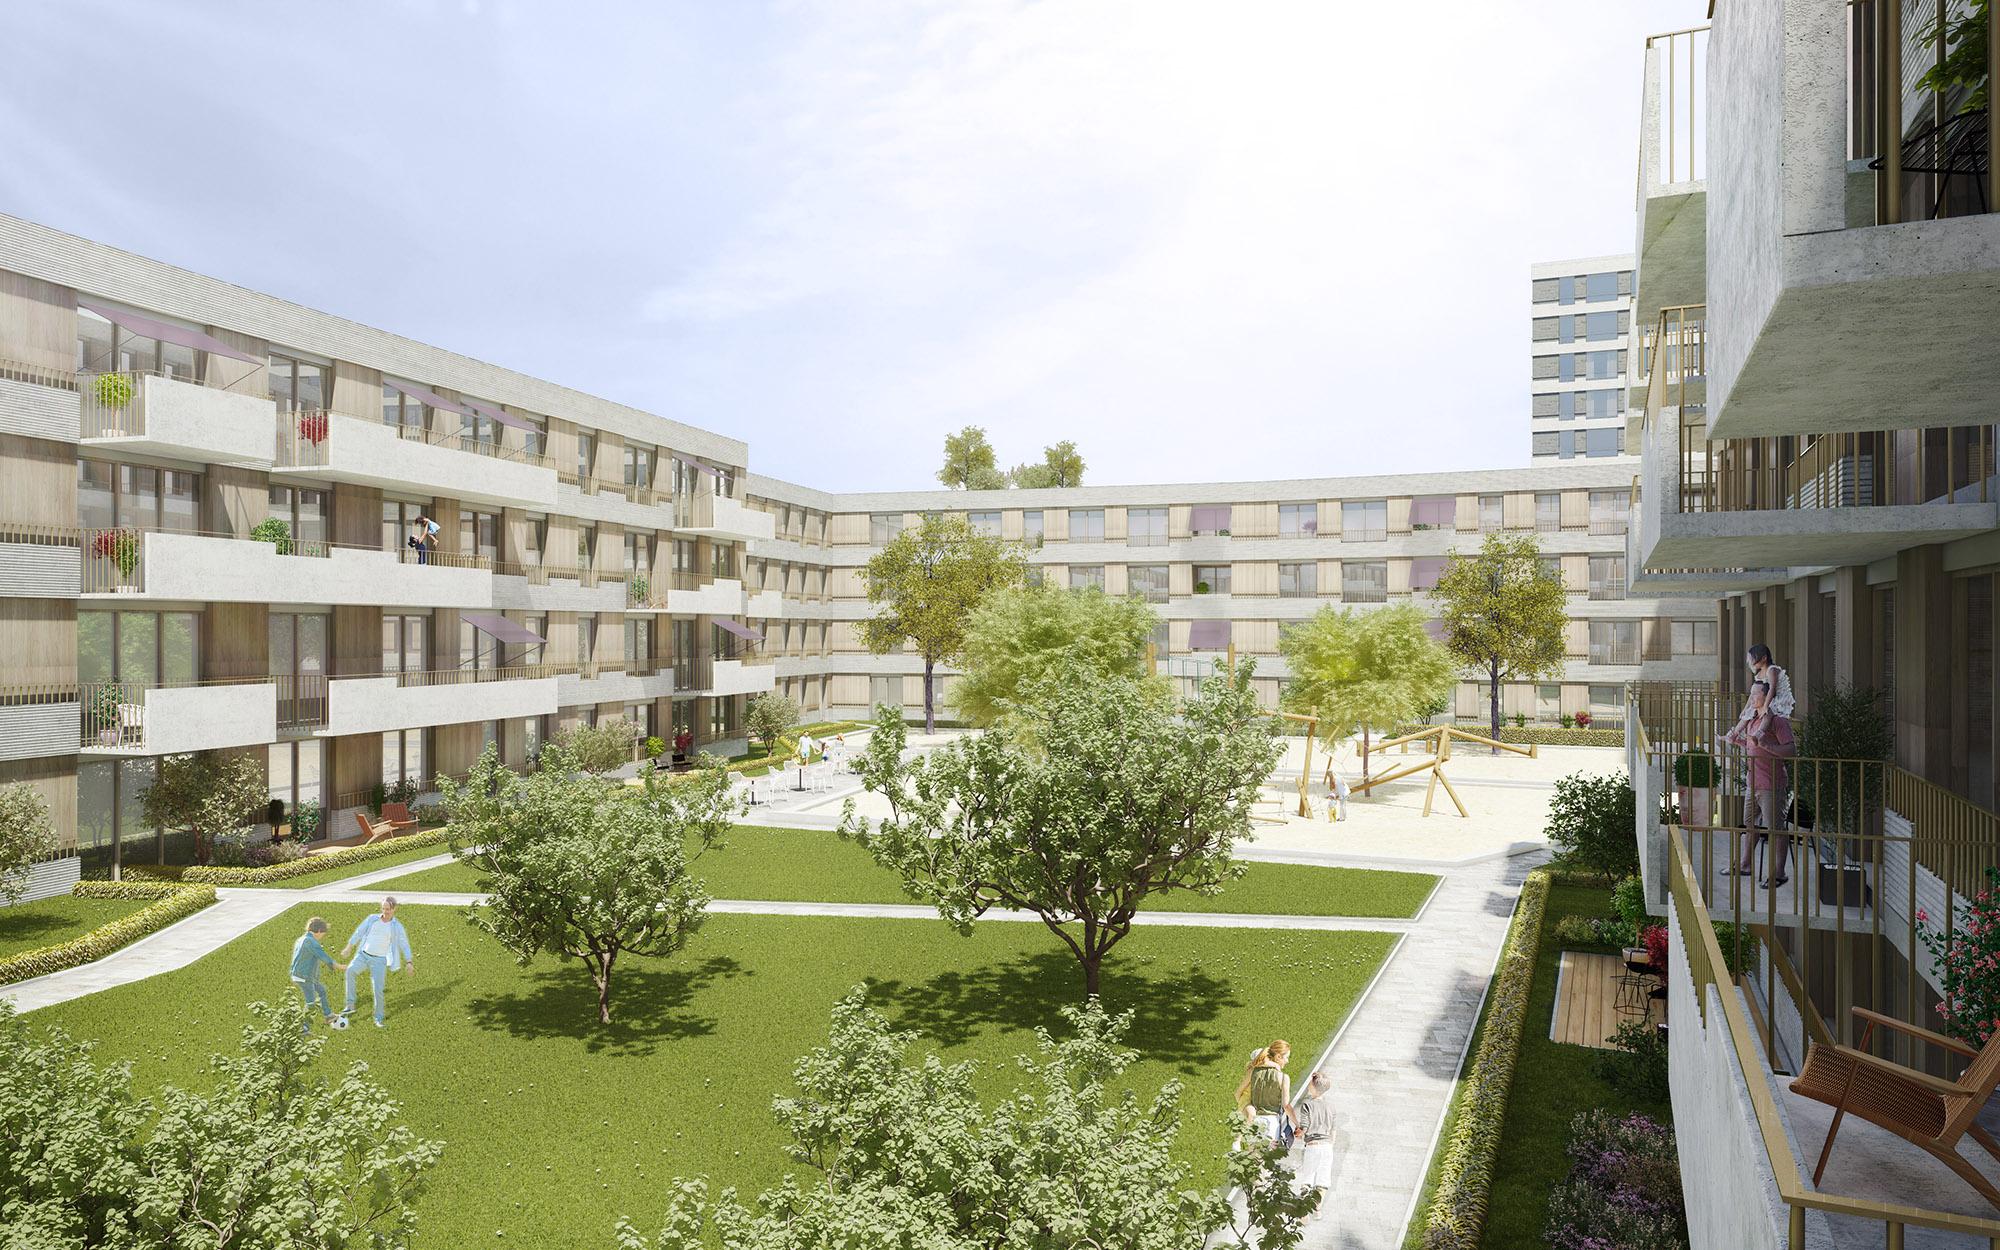 mojoimages architekturvisualisierung Baum Kappler Areal München Unterschleissheim 2019